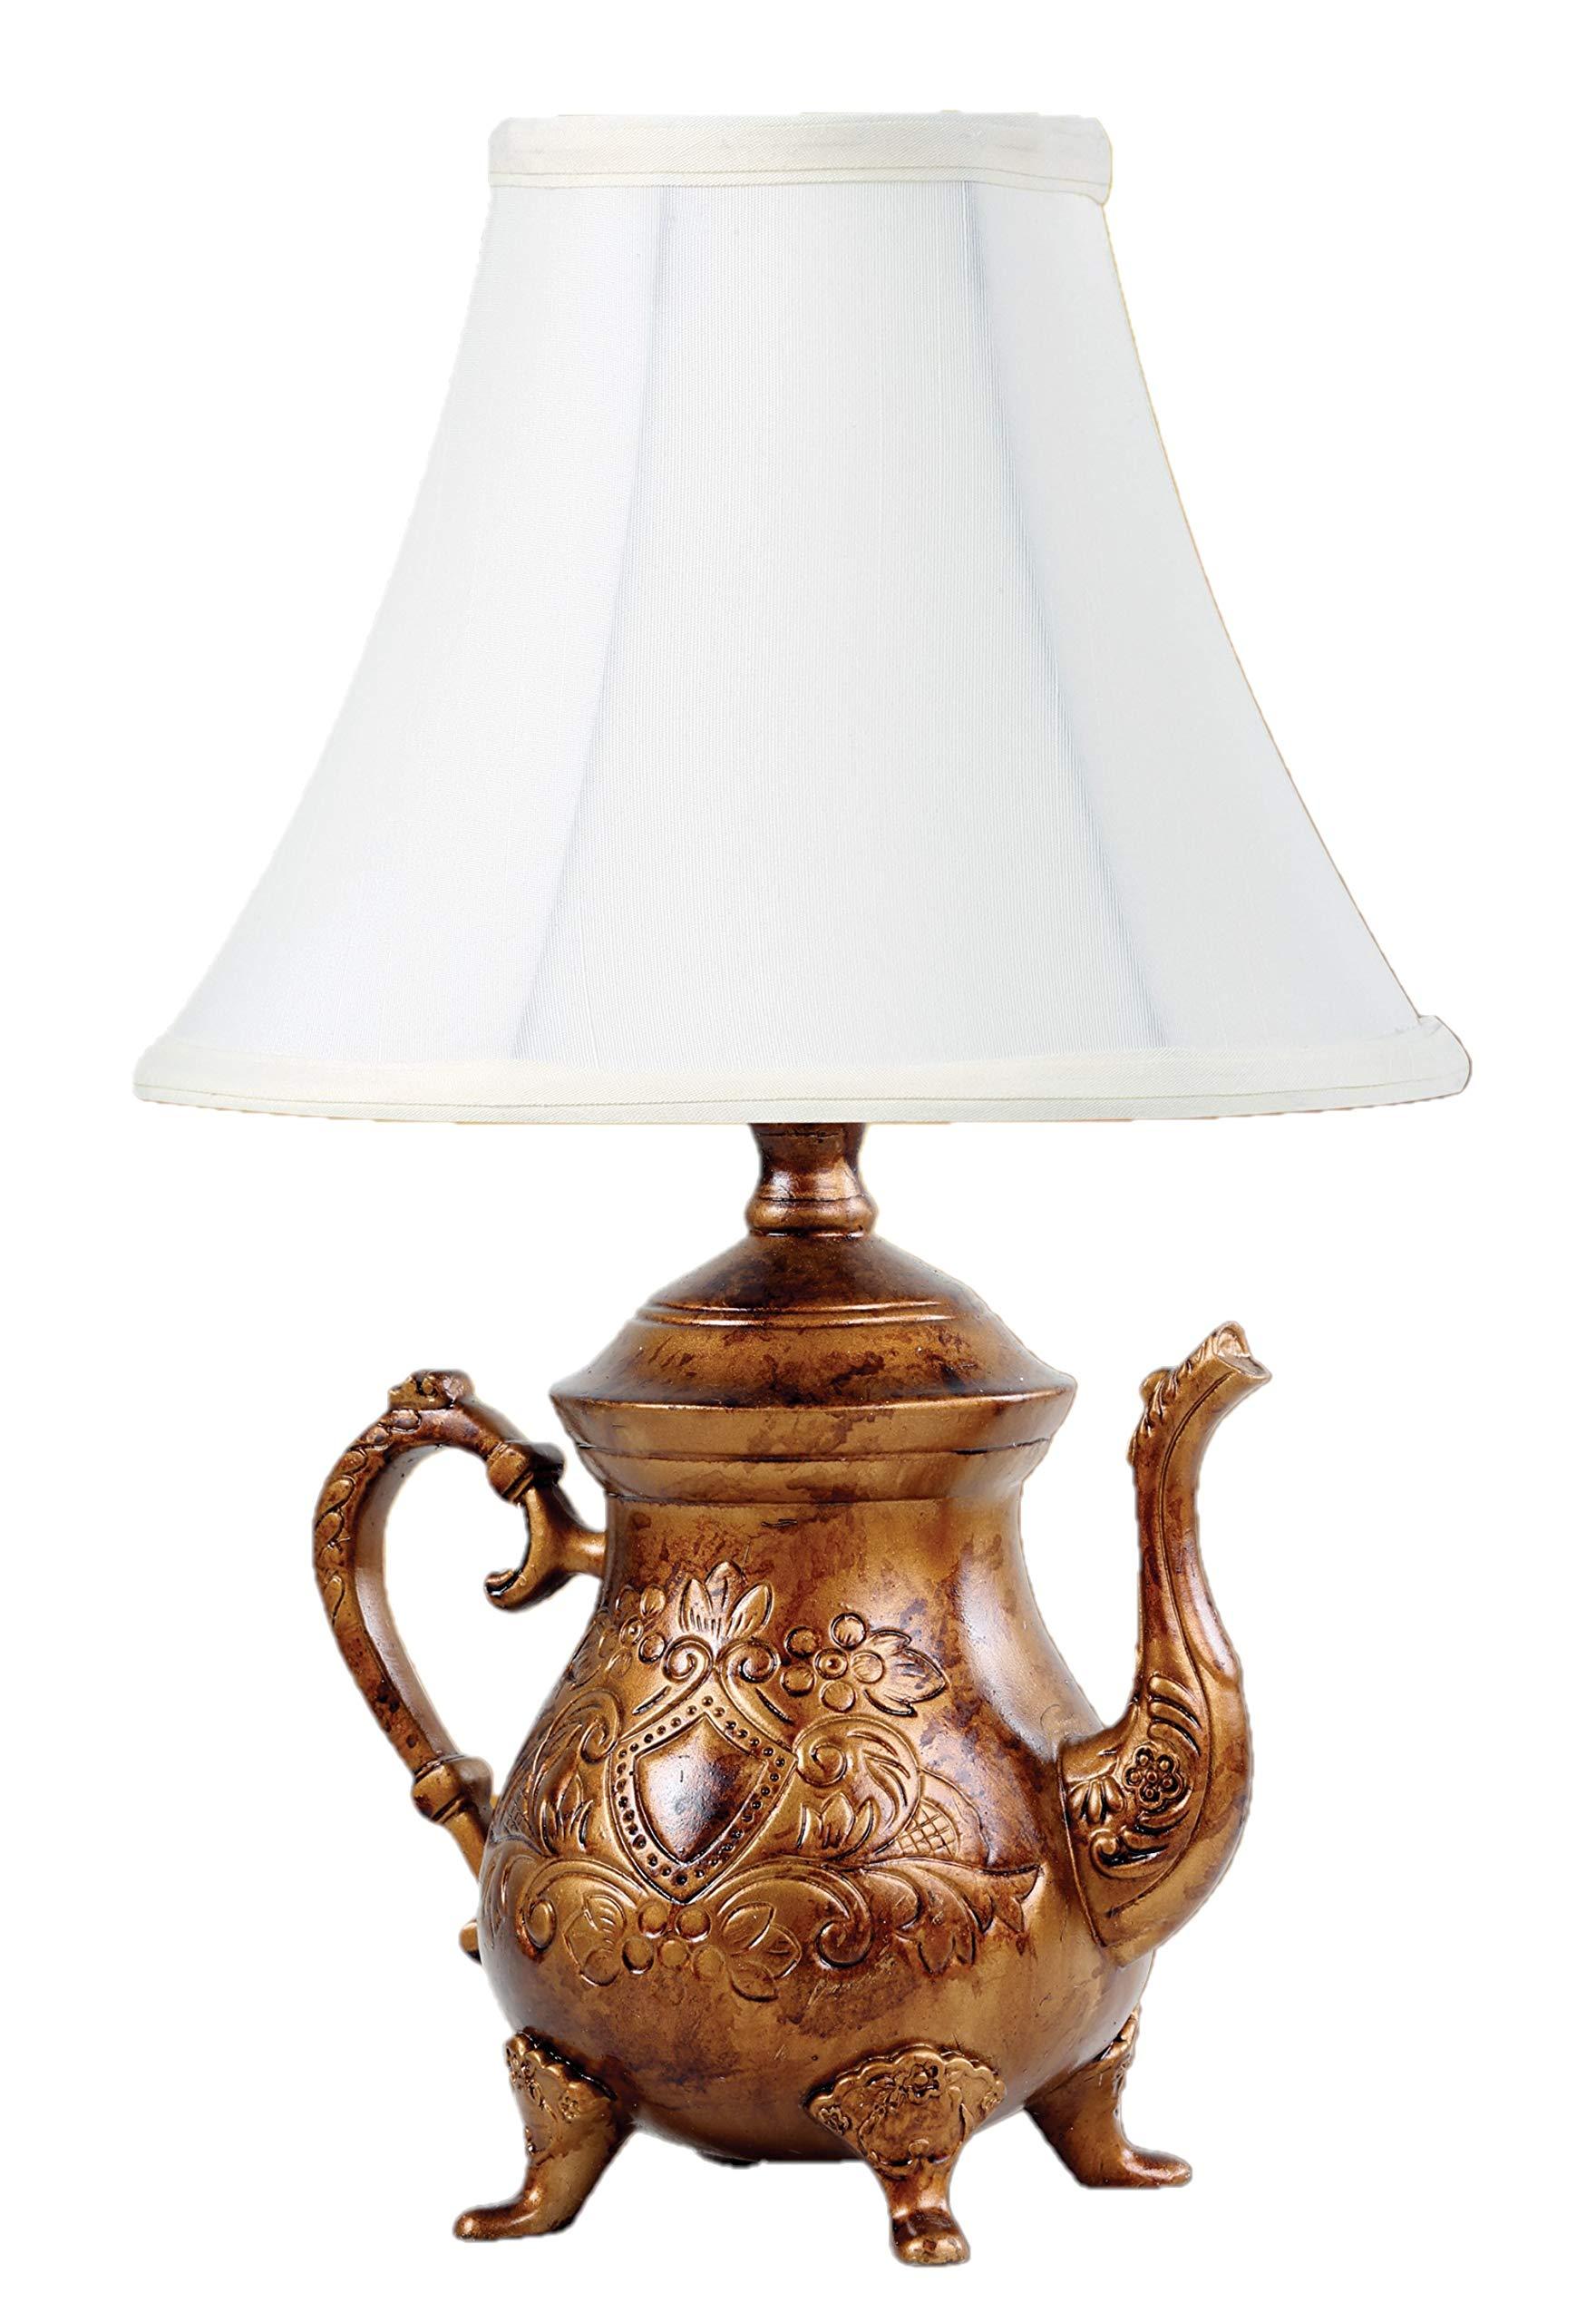 ویکالا · خرید  اصل اورجینال · خرید از آمازون · Vintage Brushed Bronze Teapot Lamp with Shade wekala · ویکالا